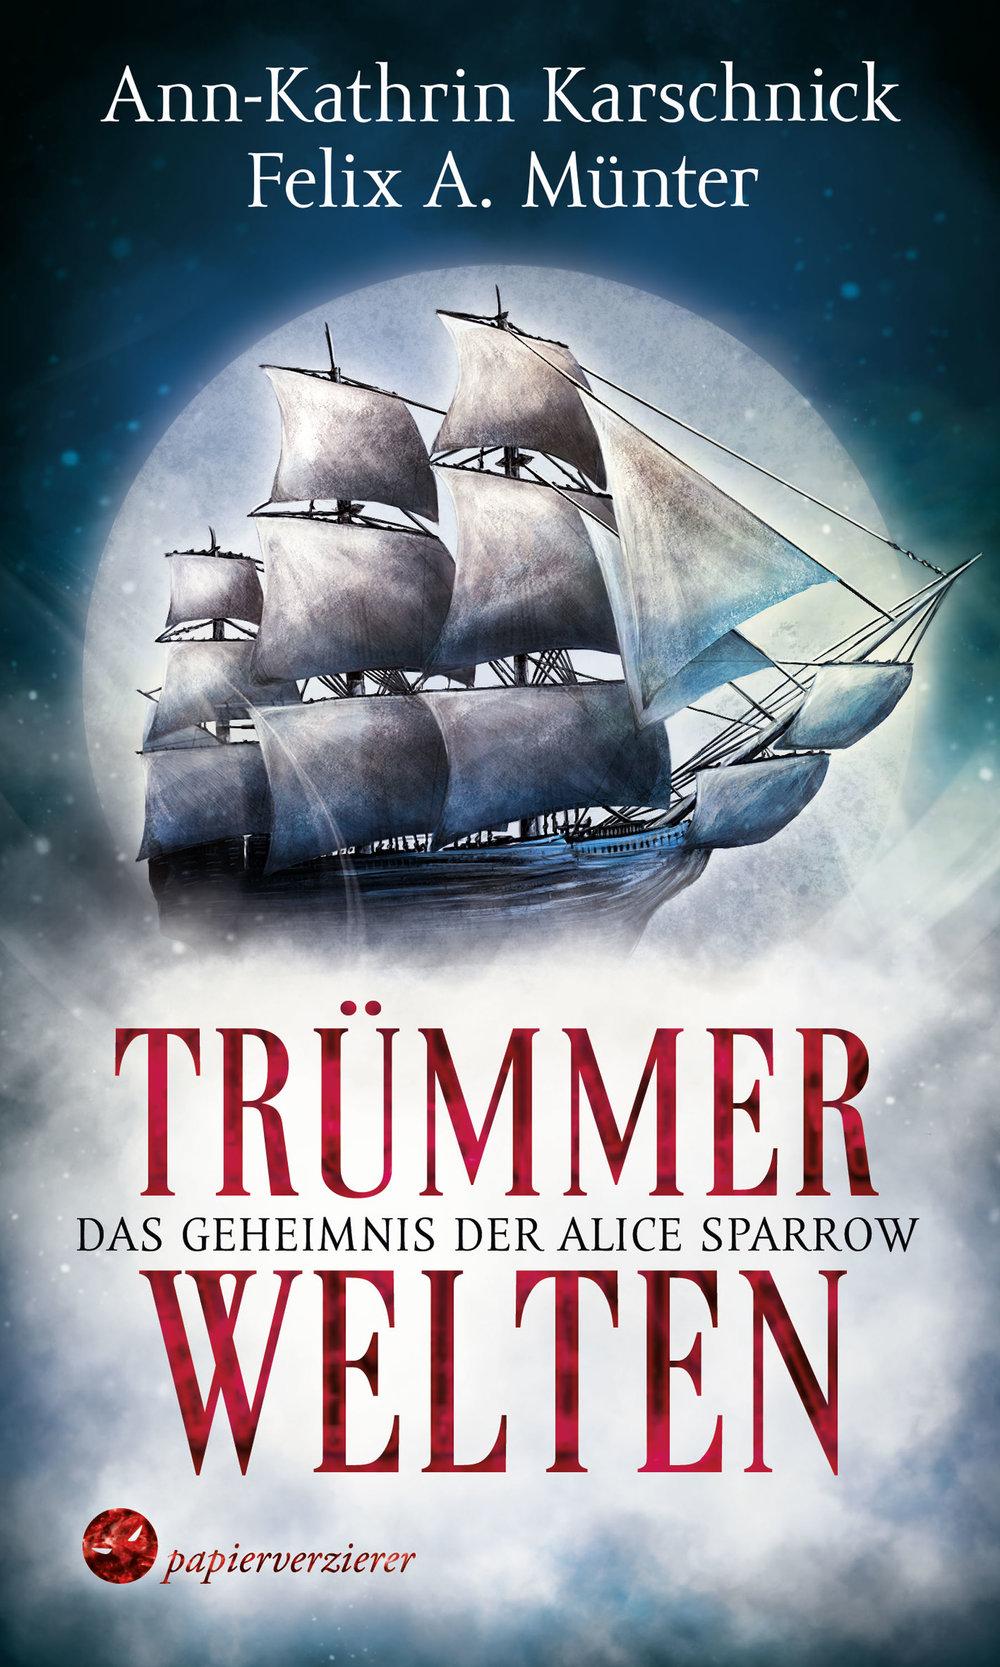 Truemmerwelten-Das-Schicksal-der-Alice-Sparrow_Ann-Kathrin-Karschnick.jpg